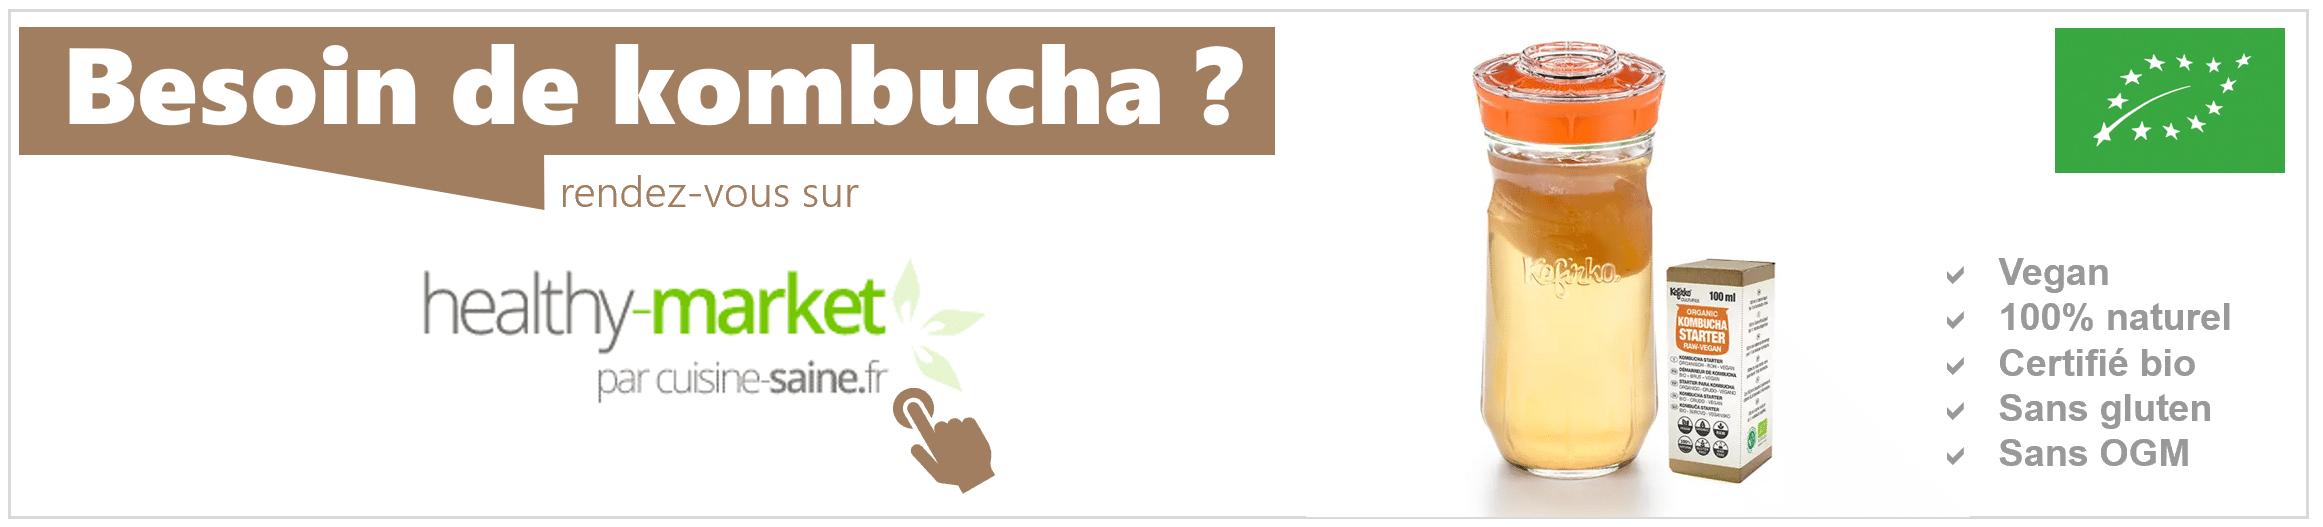 Trouver une souche de kombucha